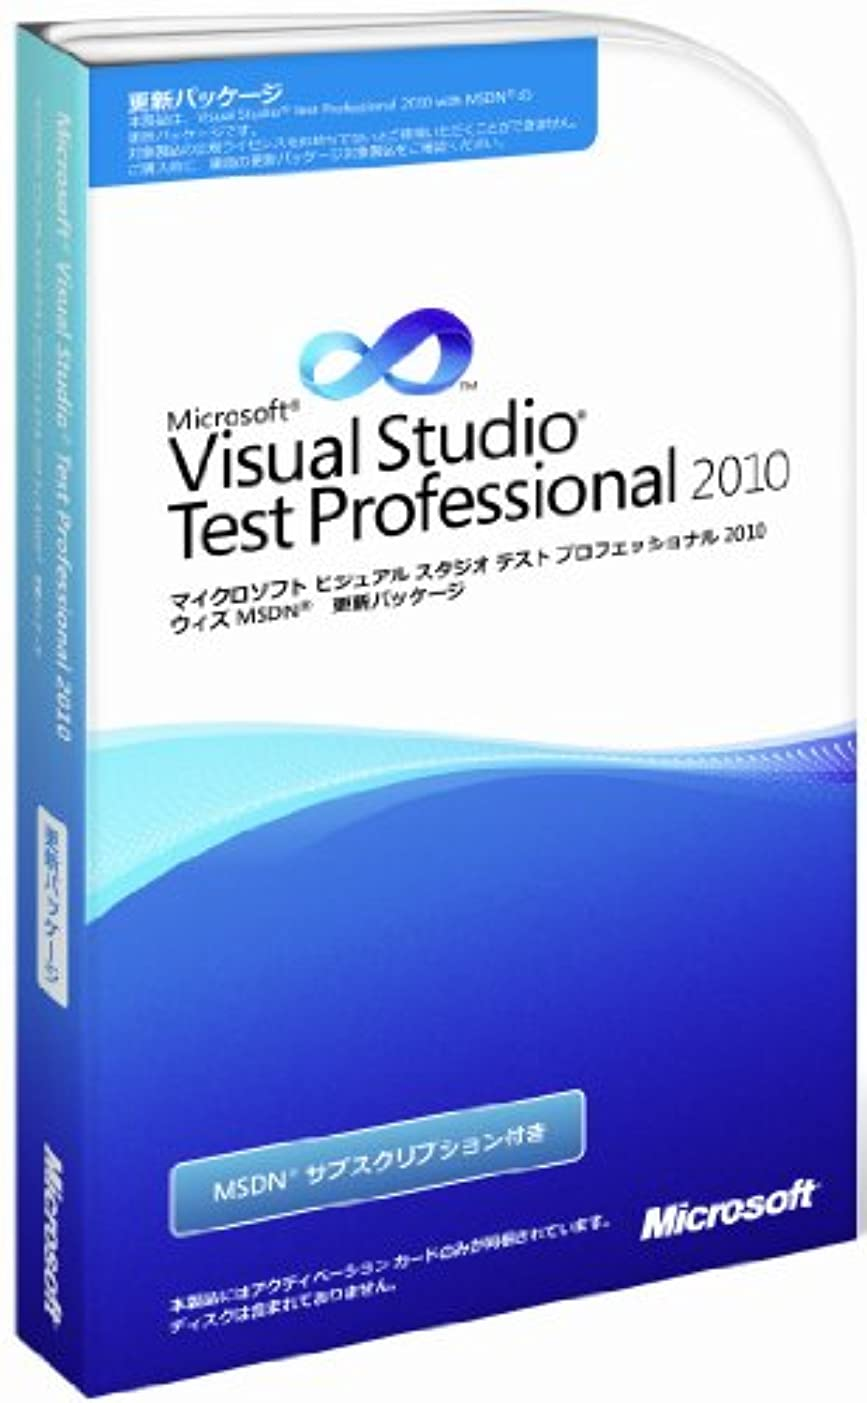 乱す何キリスト教Microsoft Visual Studio Test Professional 2010 with MSDN 更新パッケージ